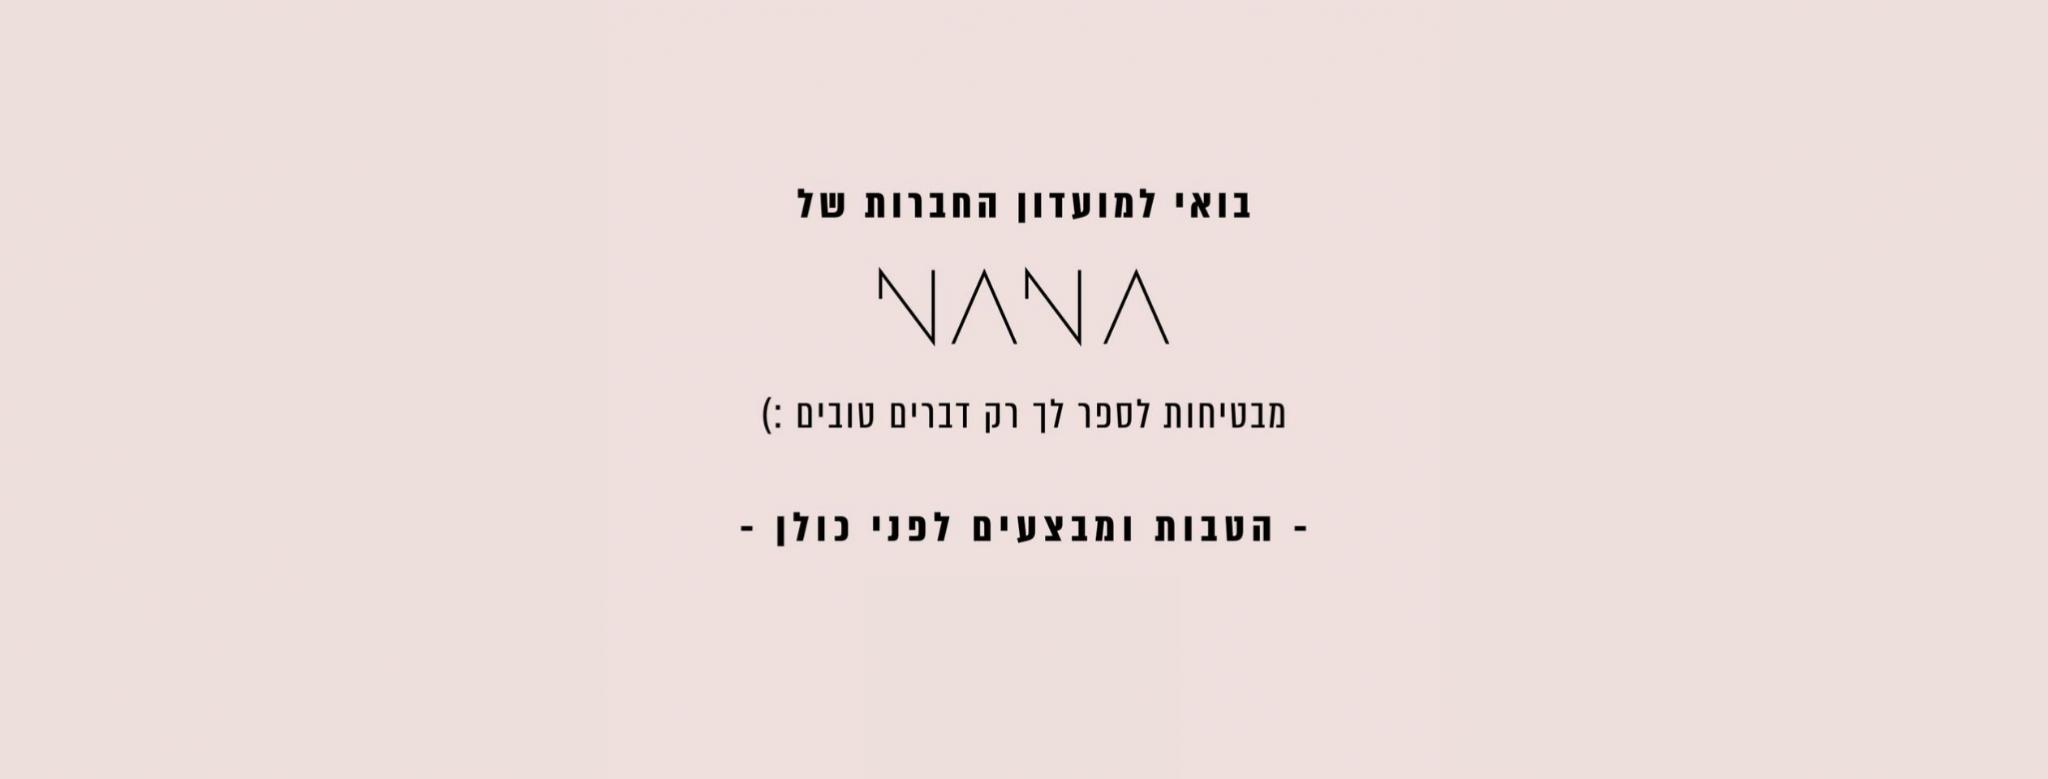 מועדון הלקוחות של ננה